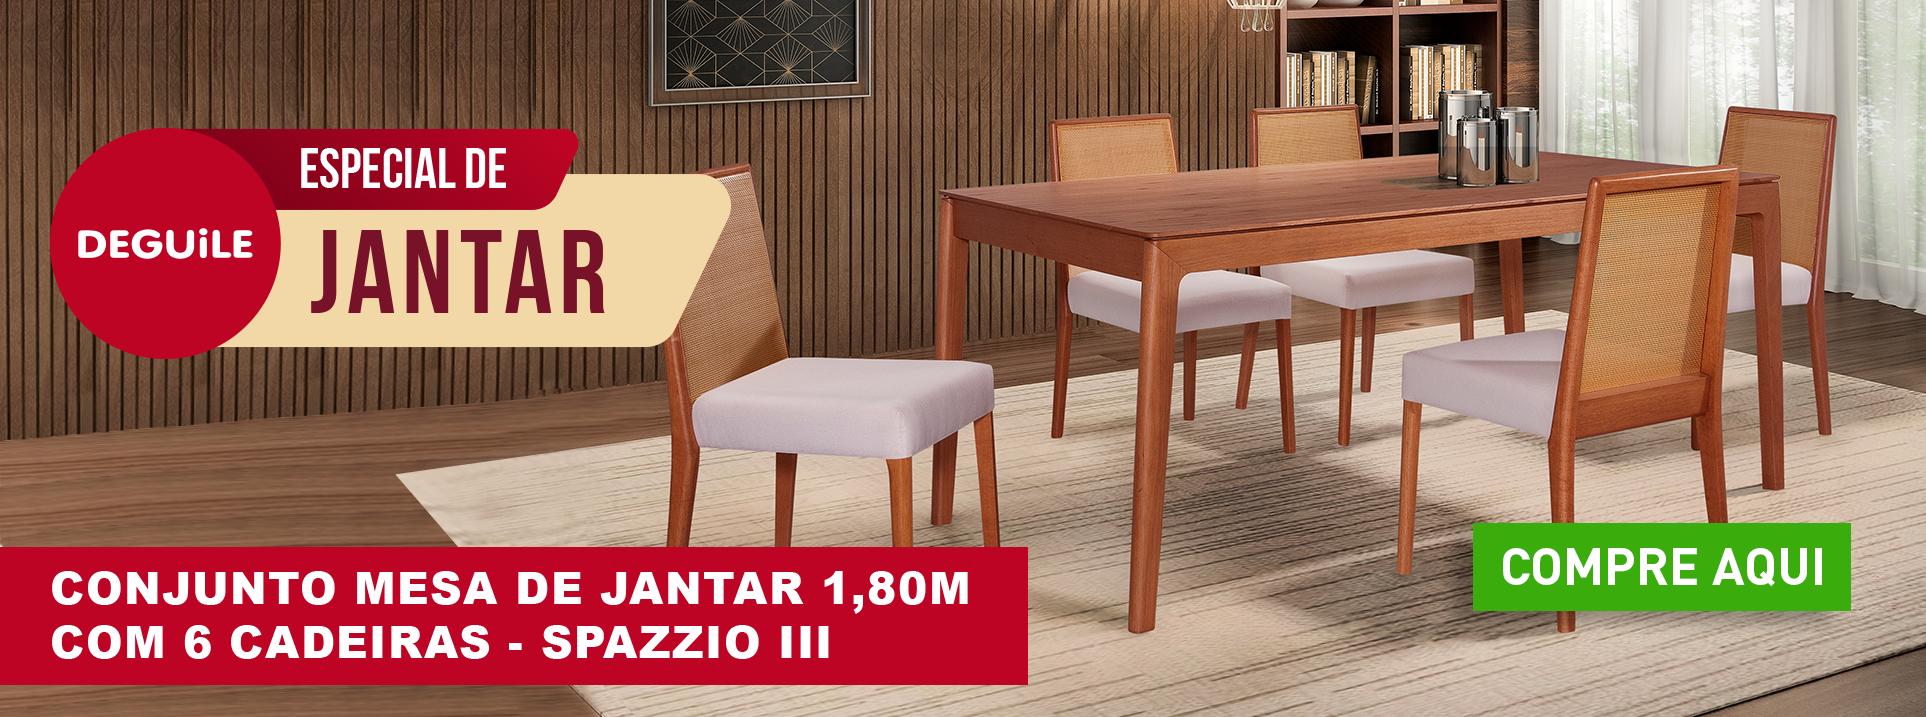 Conjunto Mesa de Jantar 1,80m com 6 cadeiras - SPAZZIO III